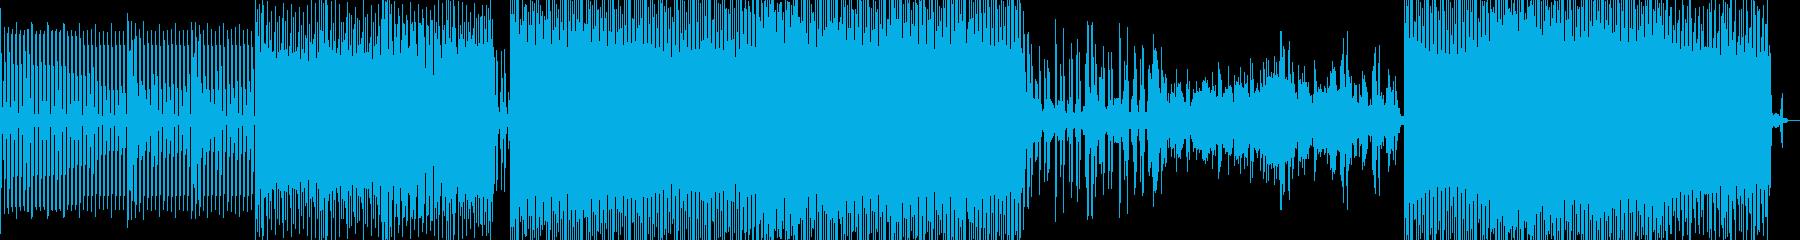 アシッドジャズの雰囲気漂うアンビエントの再生済みの波形